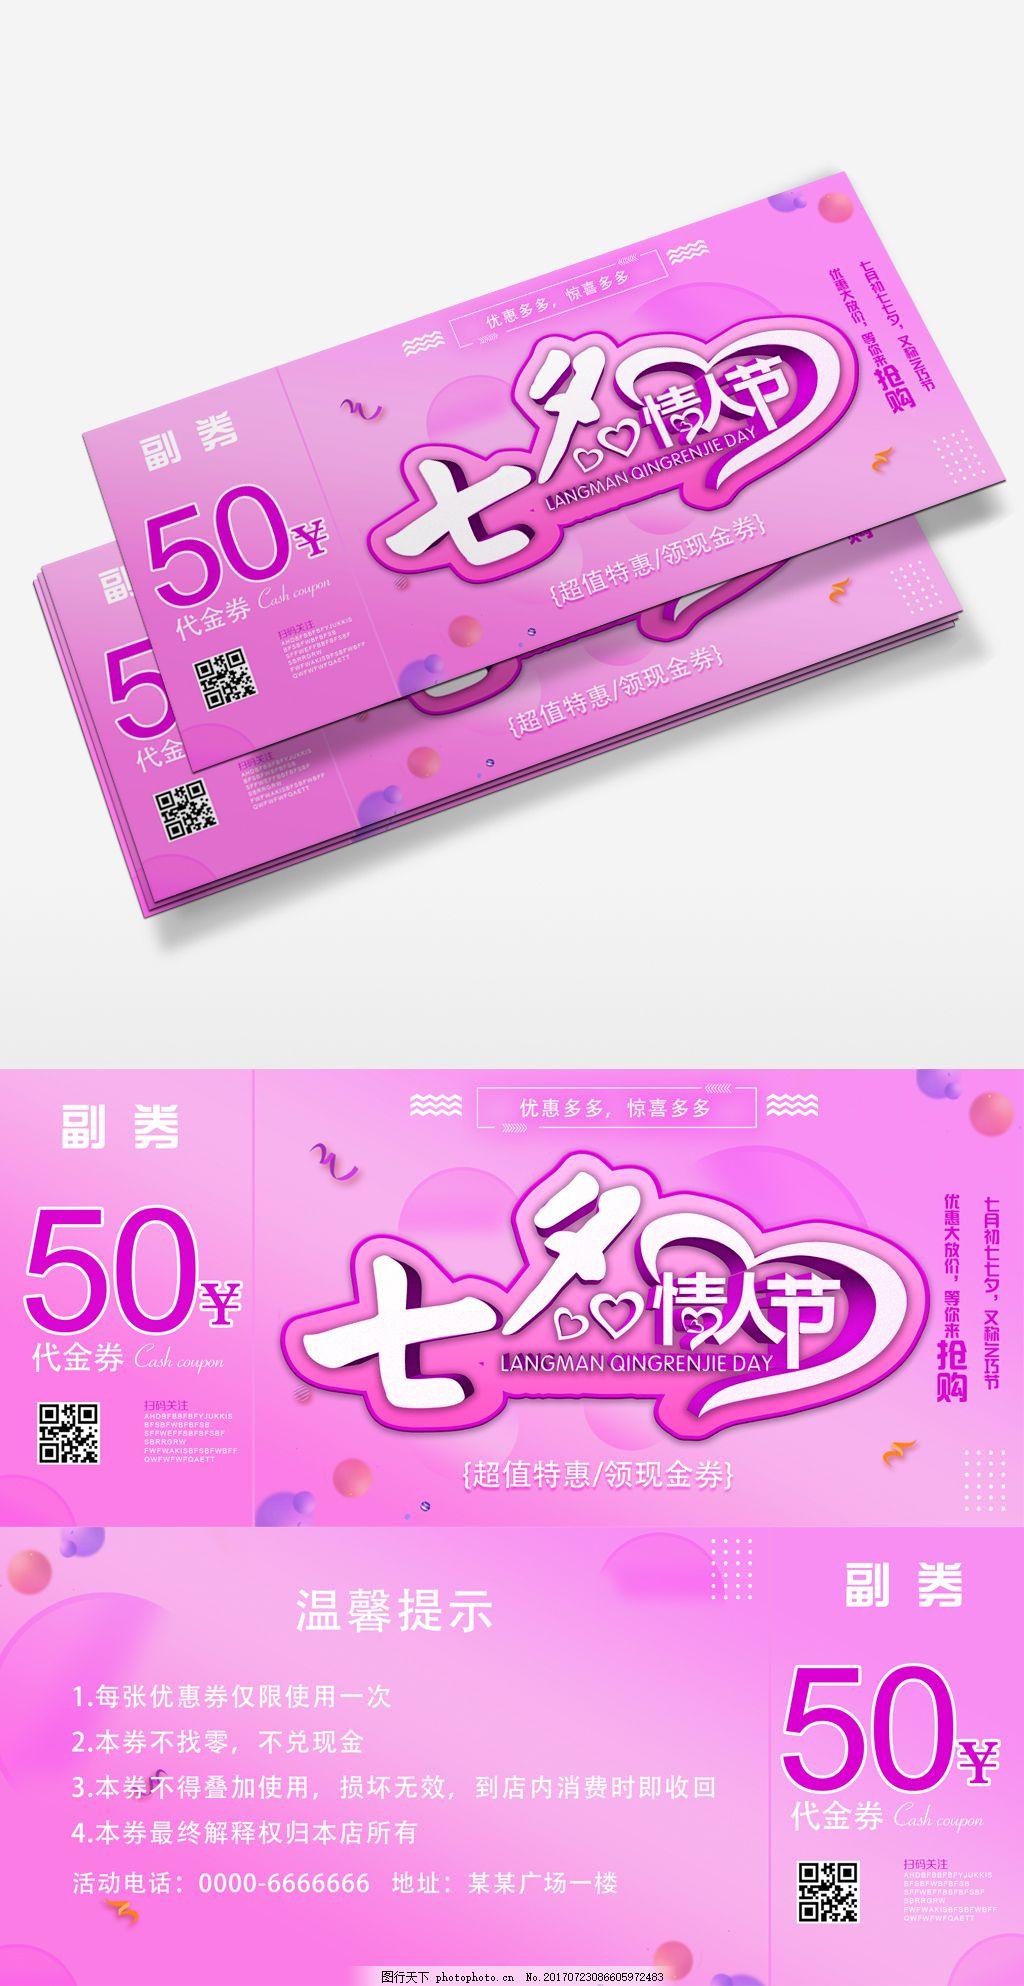 紫色促销宣传七夕优惠券代金券 情人节 名片 甜蜜